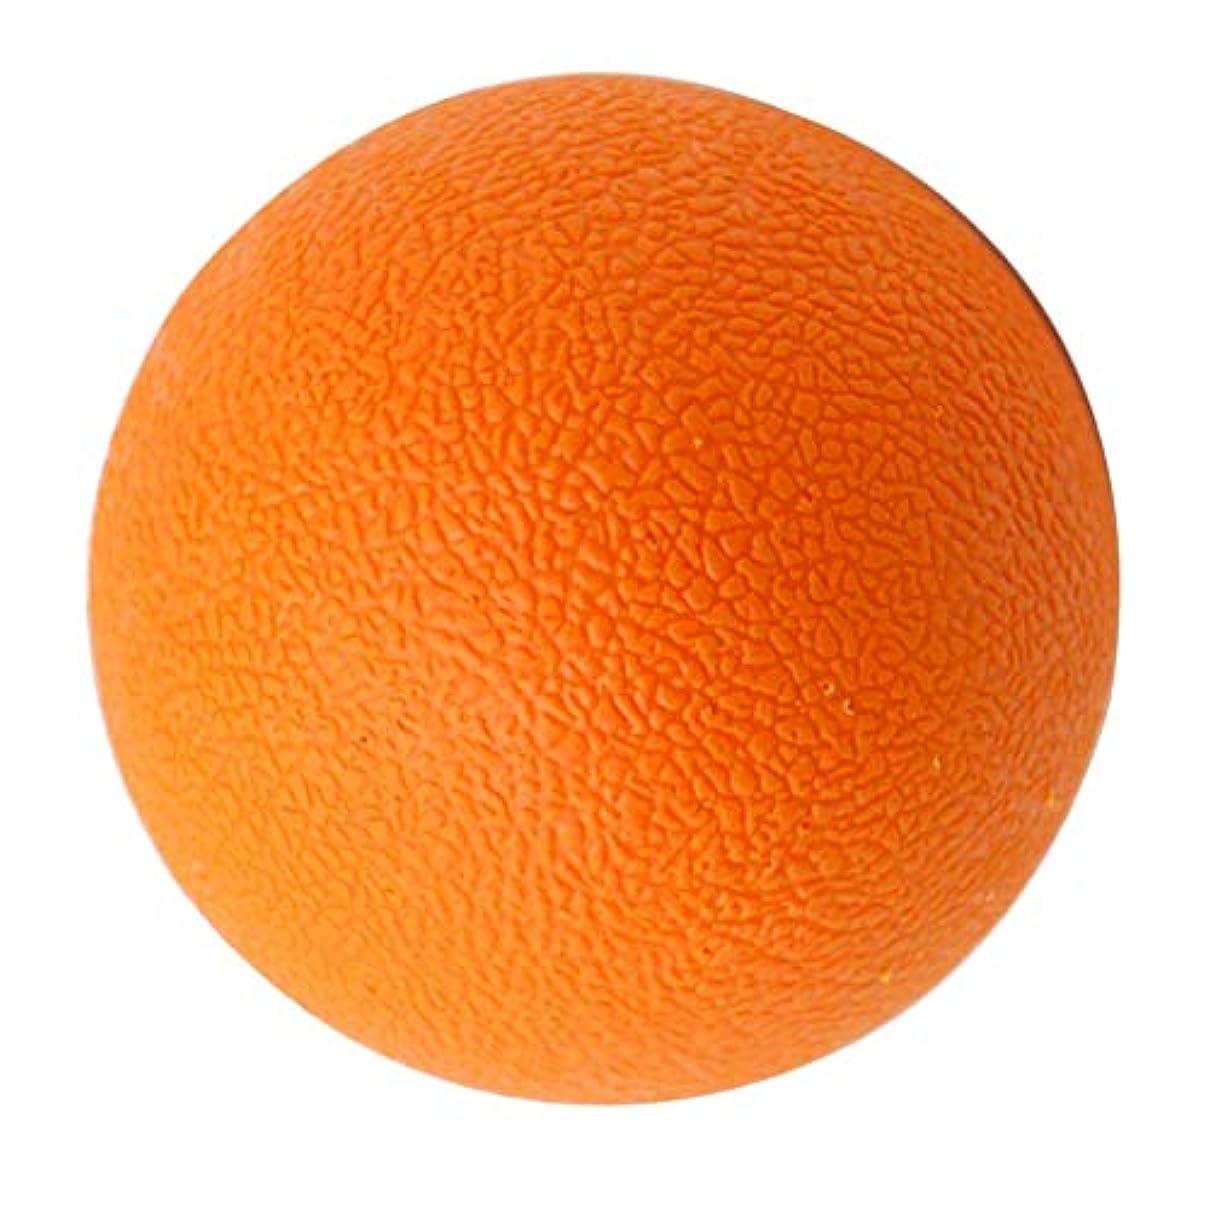 発表息子テニスCUTICATE ラクロスボール マッサージボール トリガーポイント 筋膜リリース 腕、首、背中 解消 オレンジ